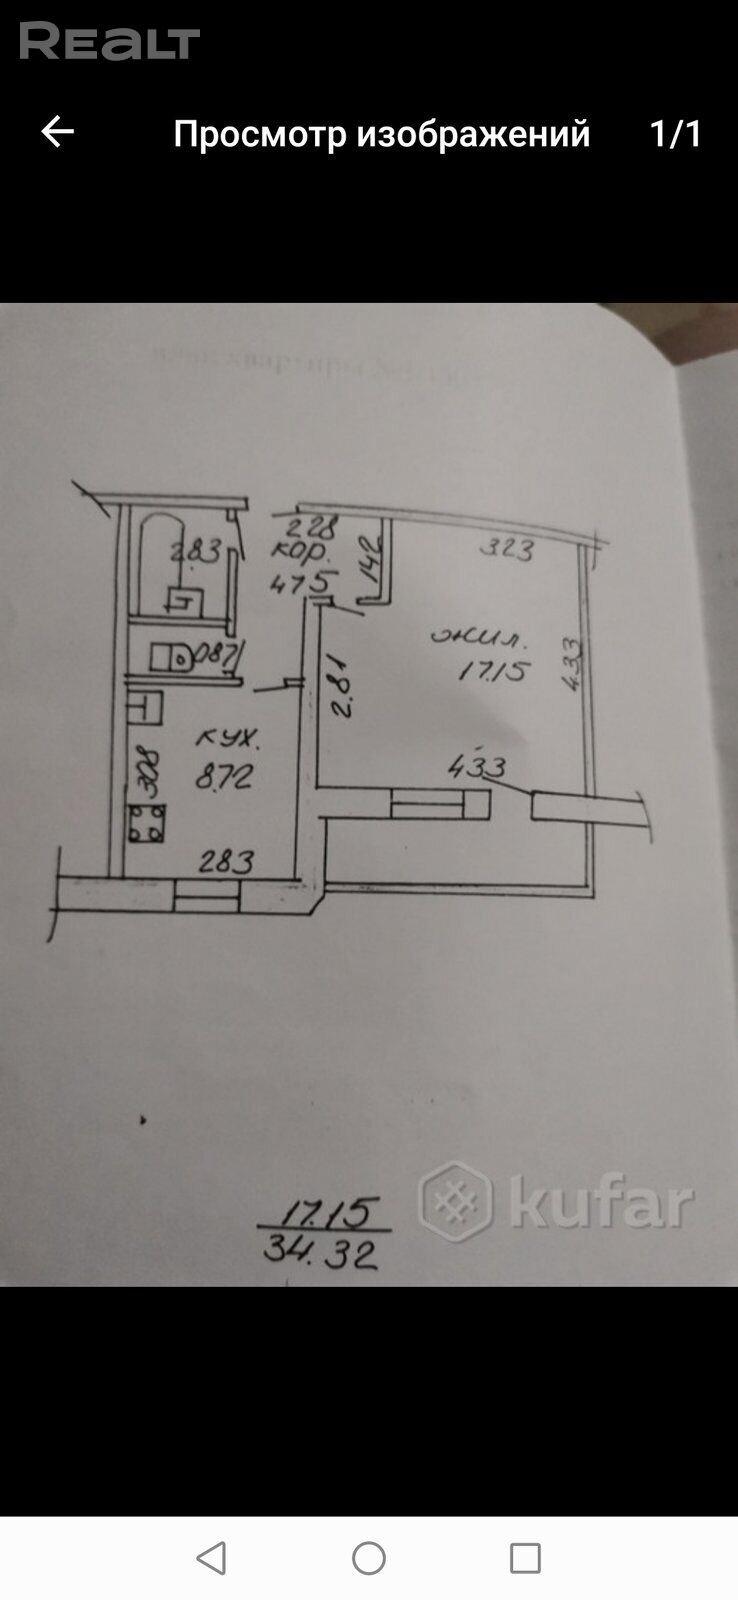 Продажа 1 комнатной квартиры в г. Бобруйске, ул. Димитрова, дом 8. Цена 35 003 руб c торгом